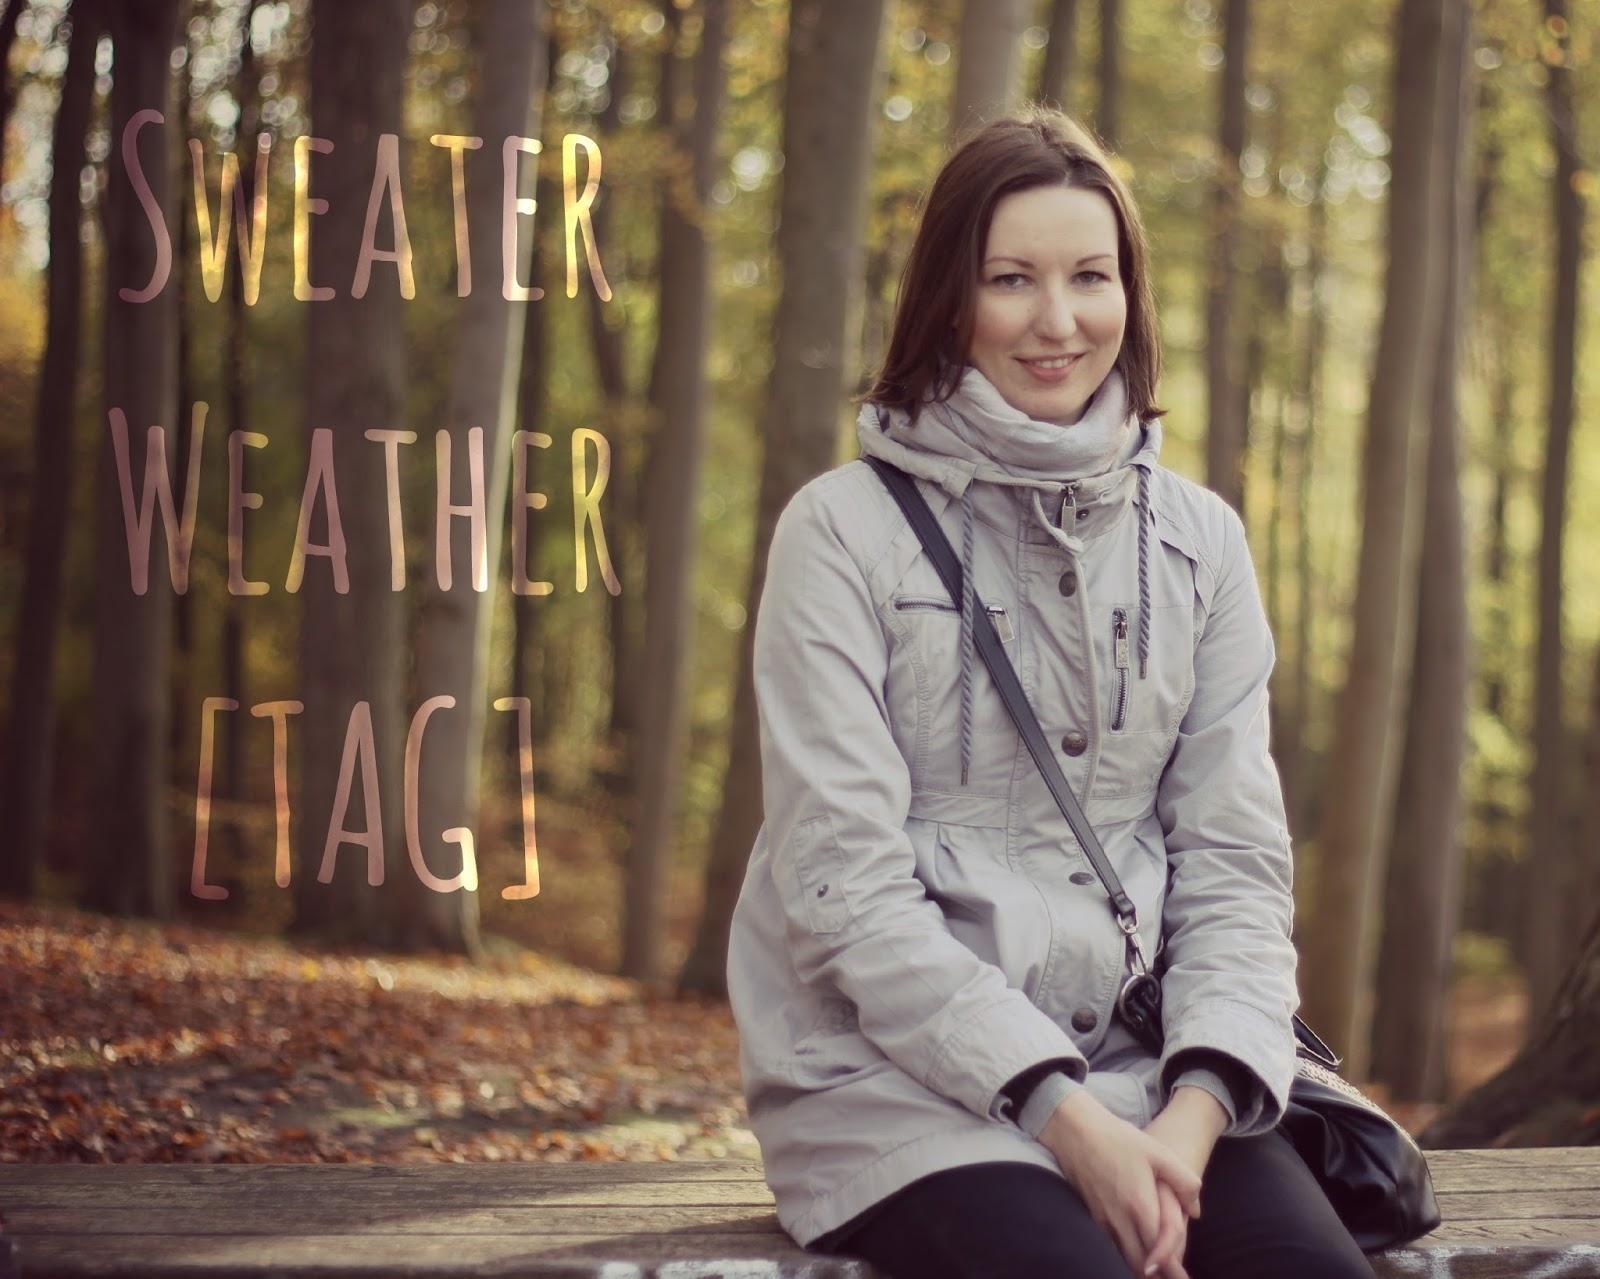 Sweater Weather TAG Das sind meine Herbstfavoriten 2014 aus dem Bereich Beauty, Fashion und Lifestyle